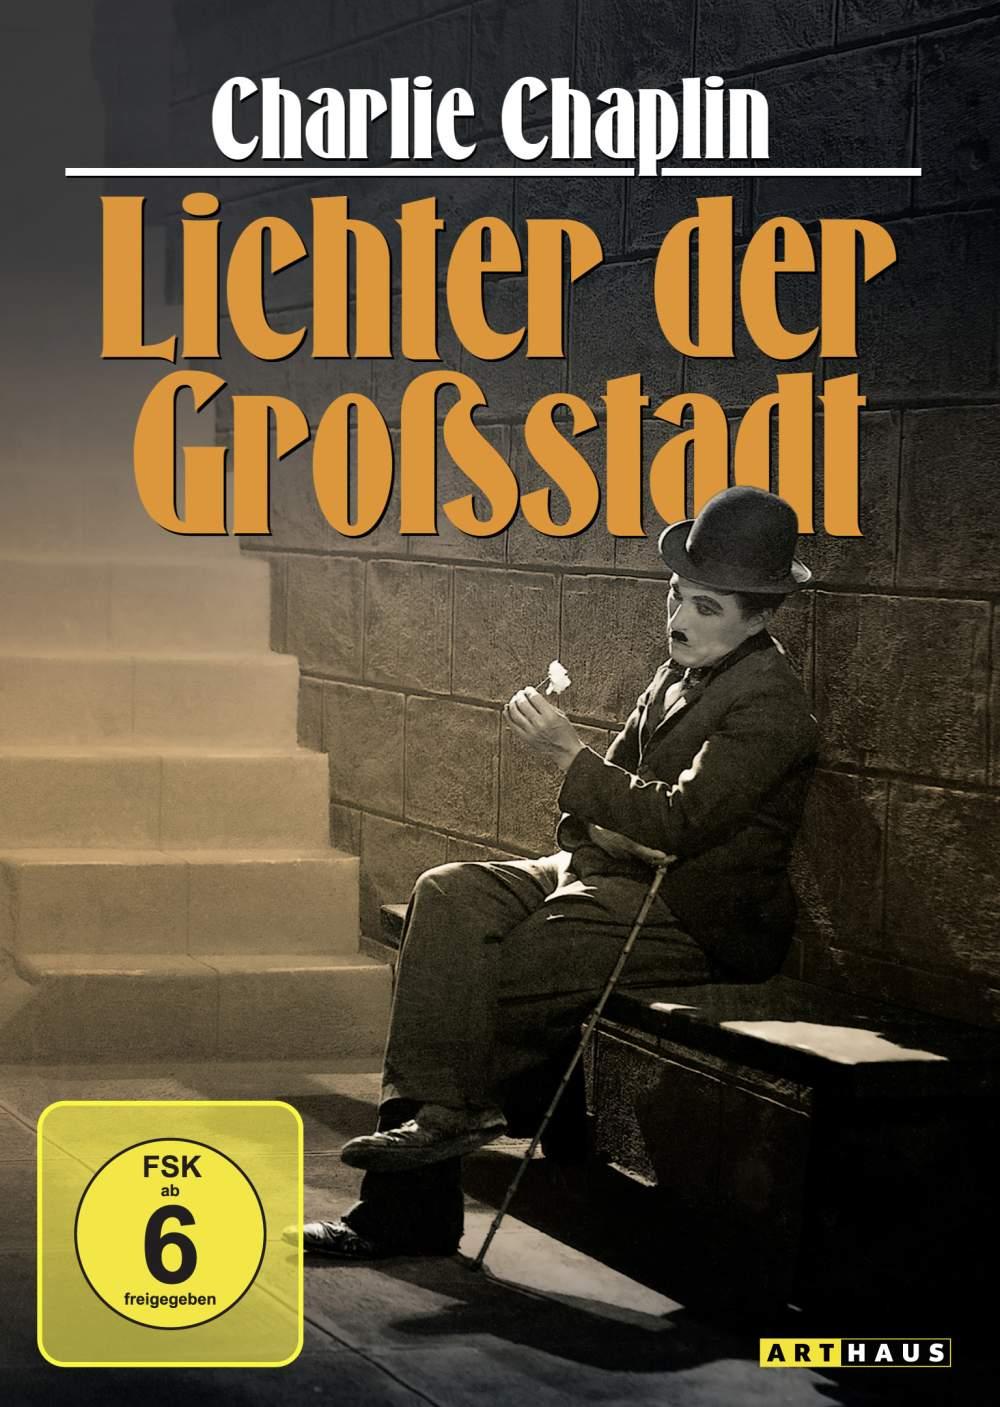 Lichter Film